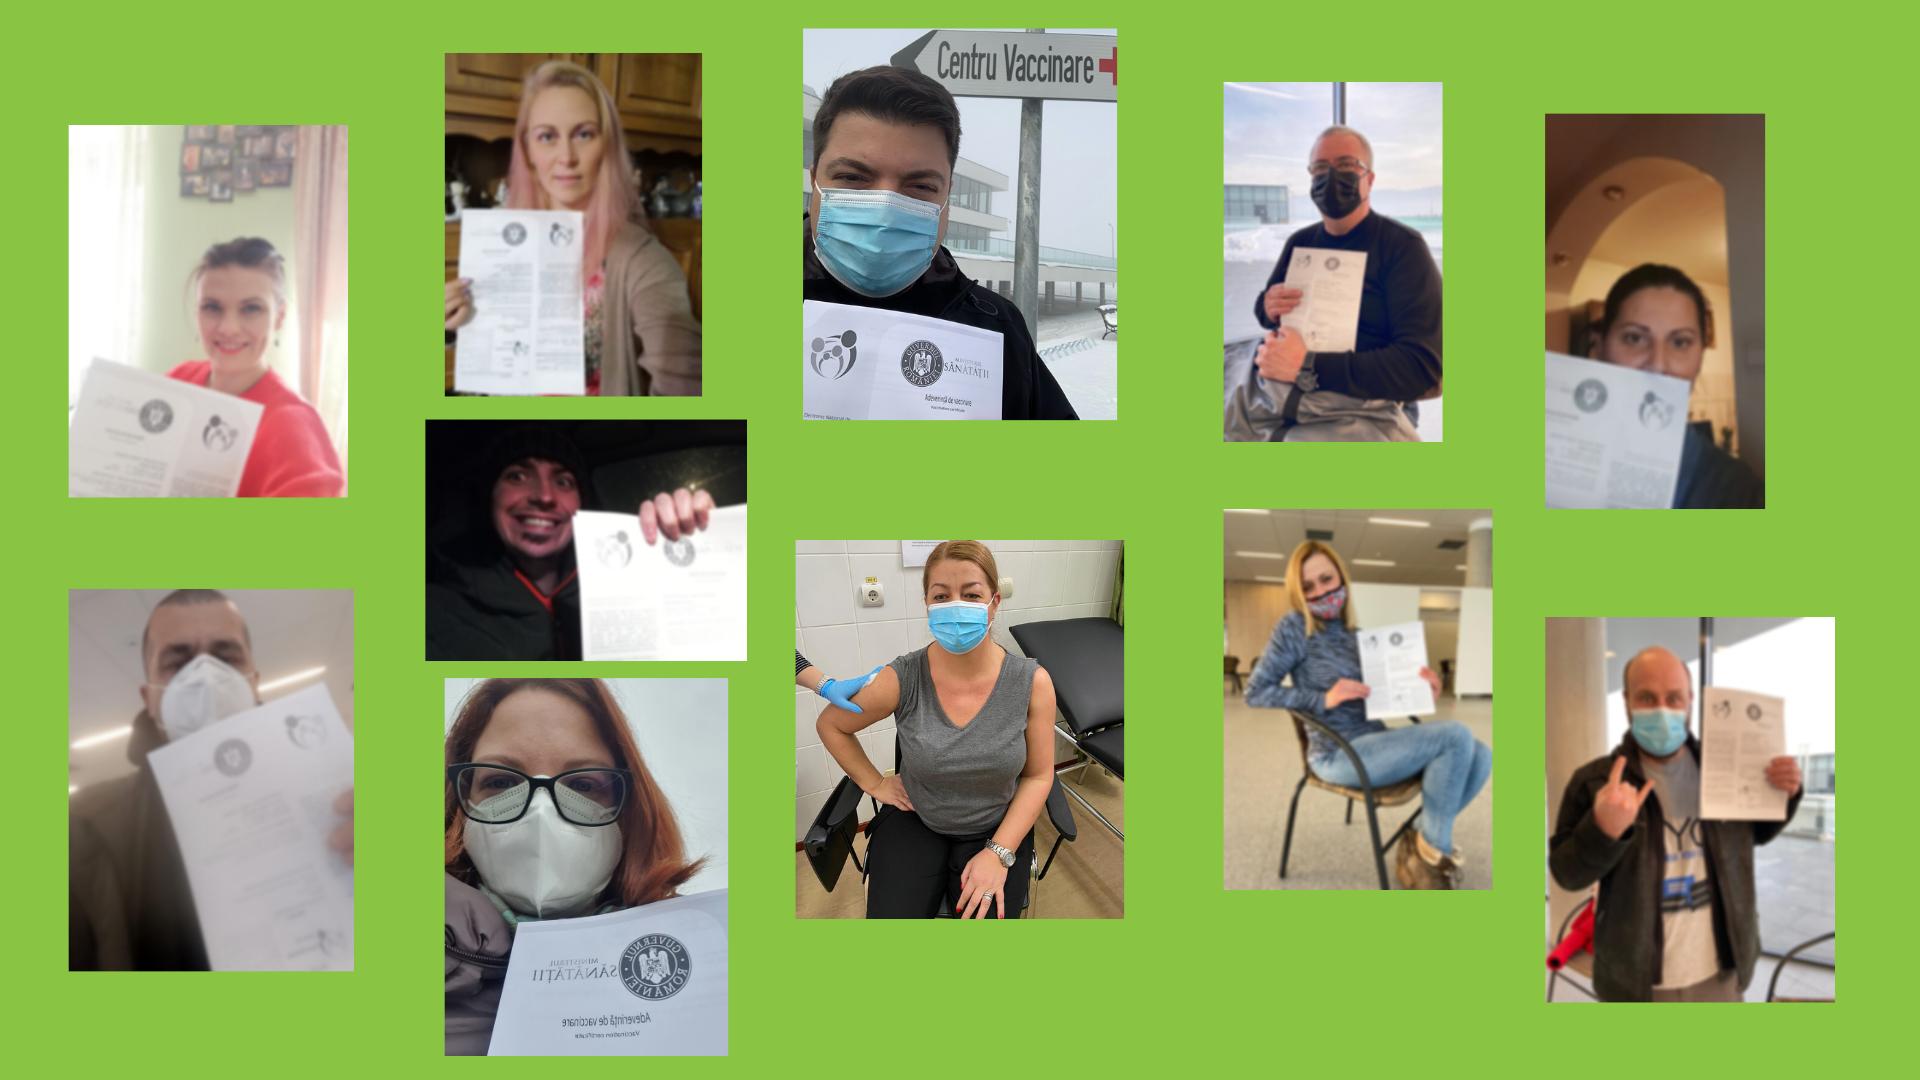 TASTE Vaccination Selfie Collage